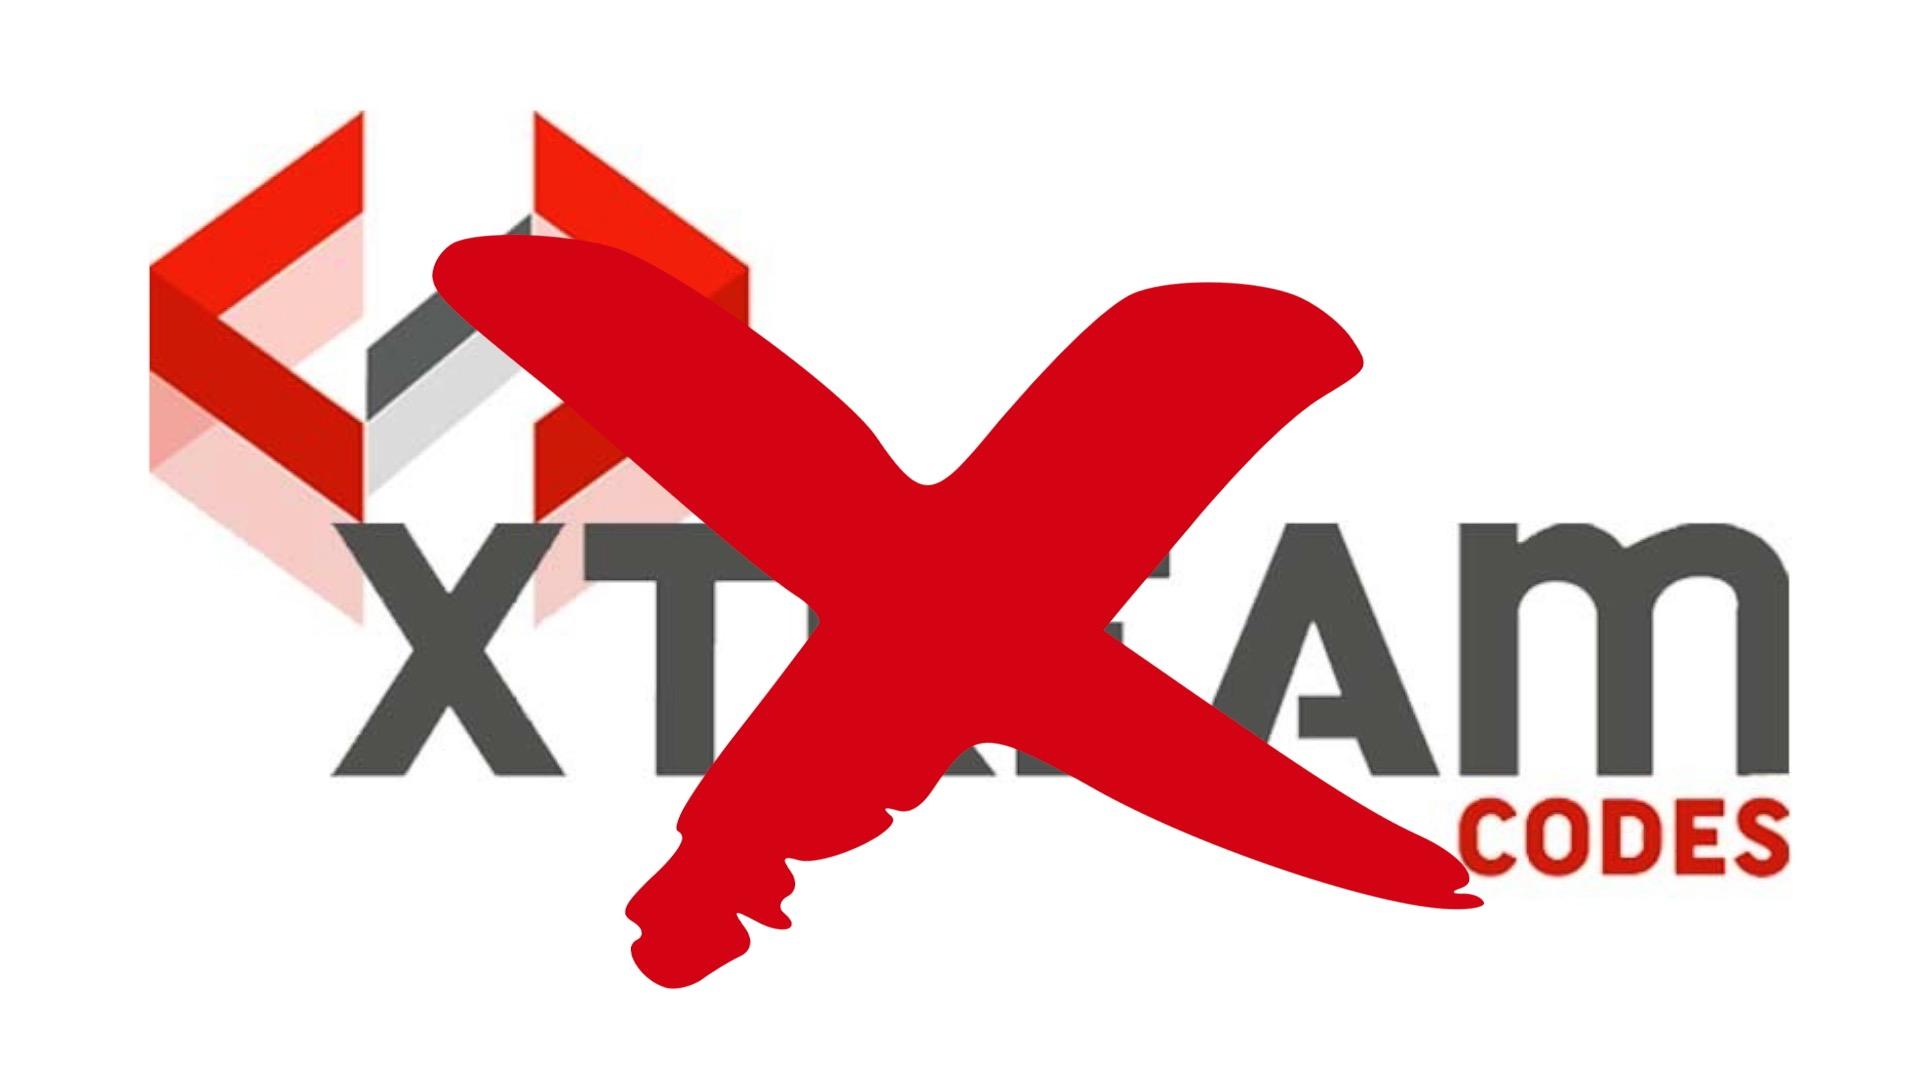 Xtream代码